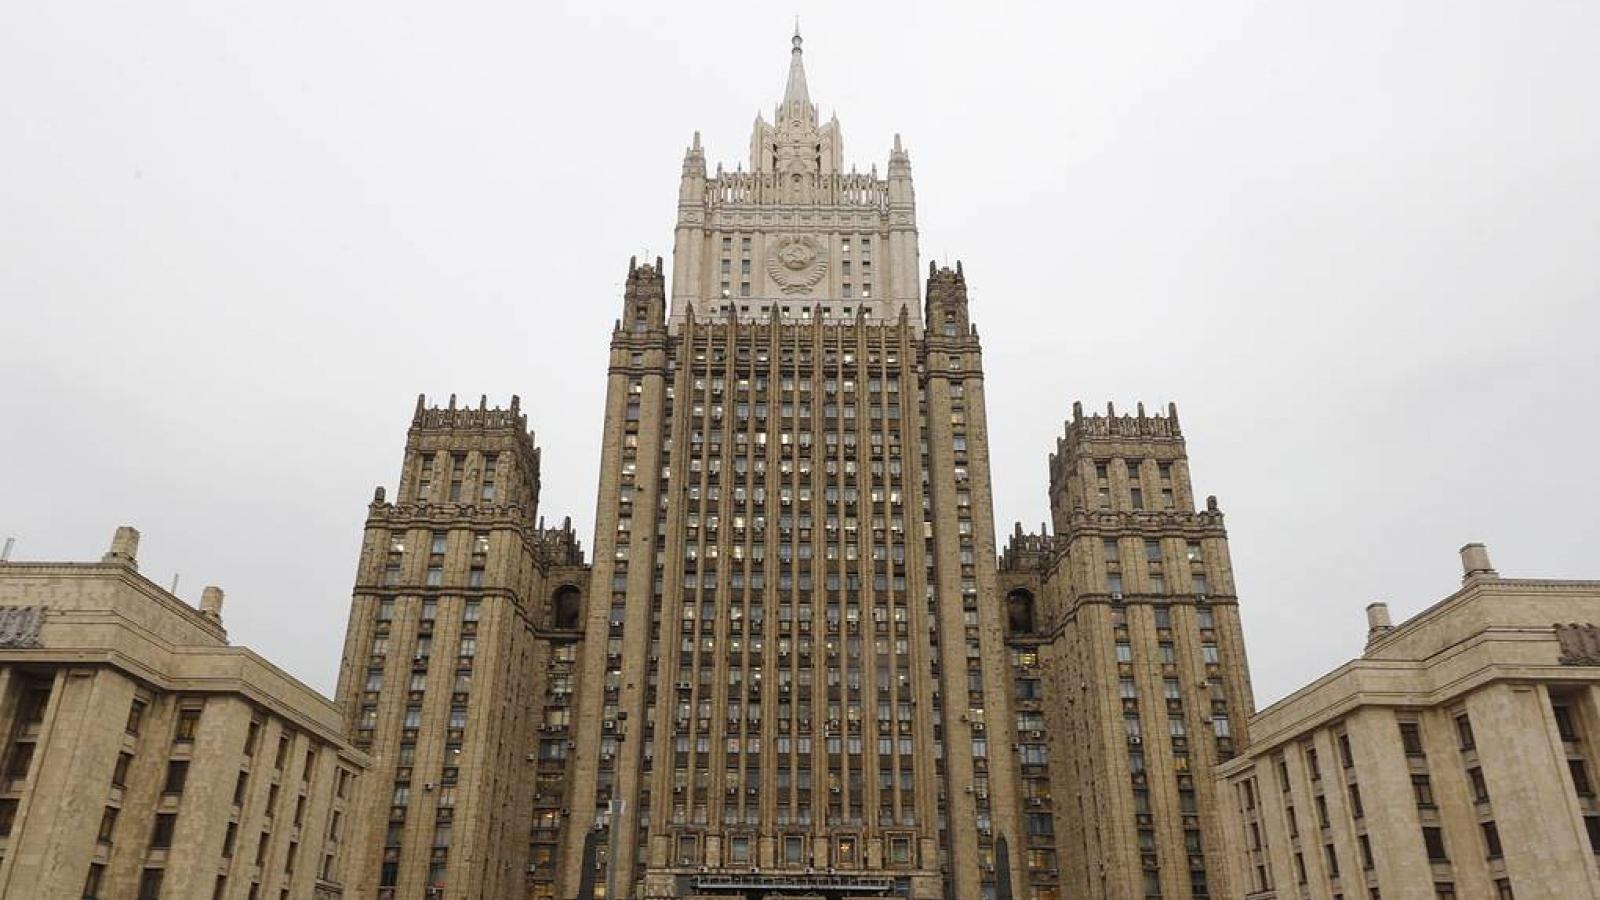 Bộ ngoại giao Nga khuyến nghị Tổng lãnh sự Ukraine tại St.Petersburg rời khỏi nước này